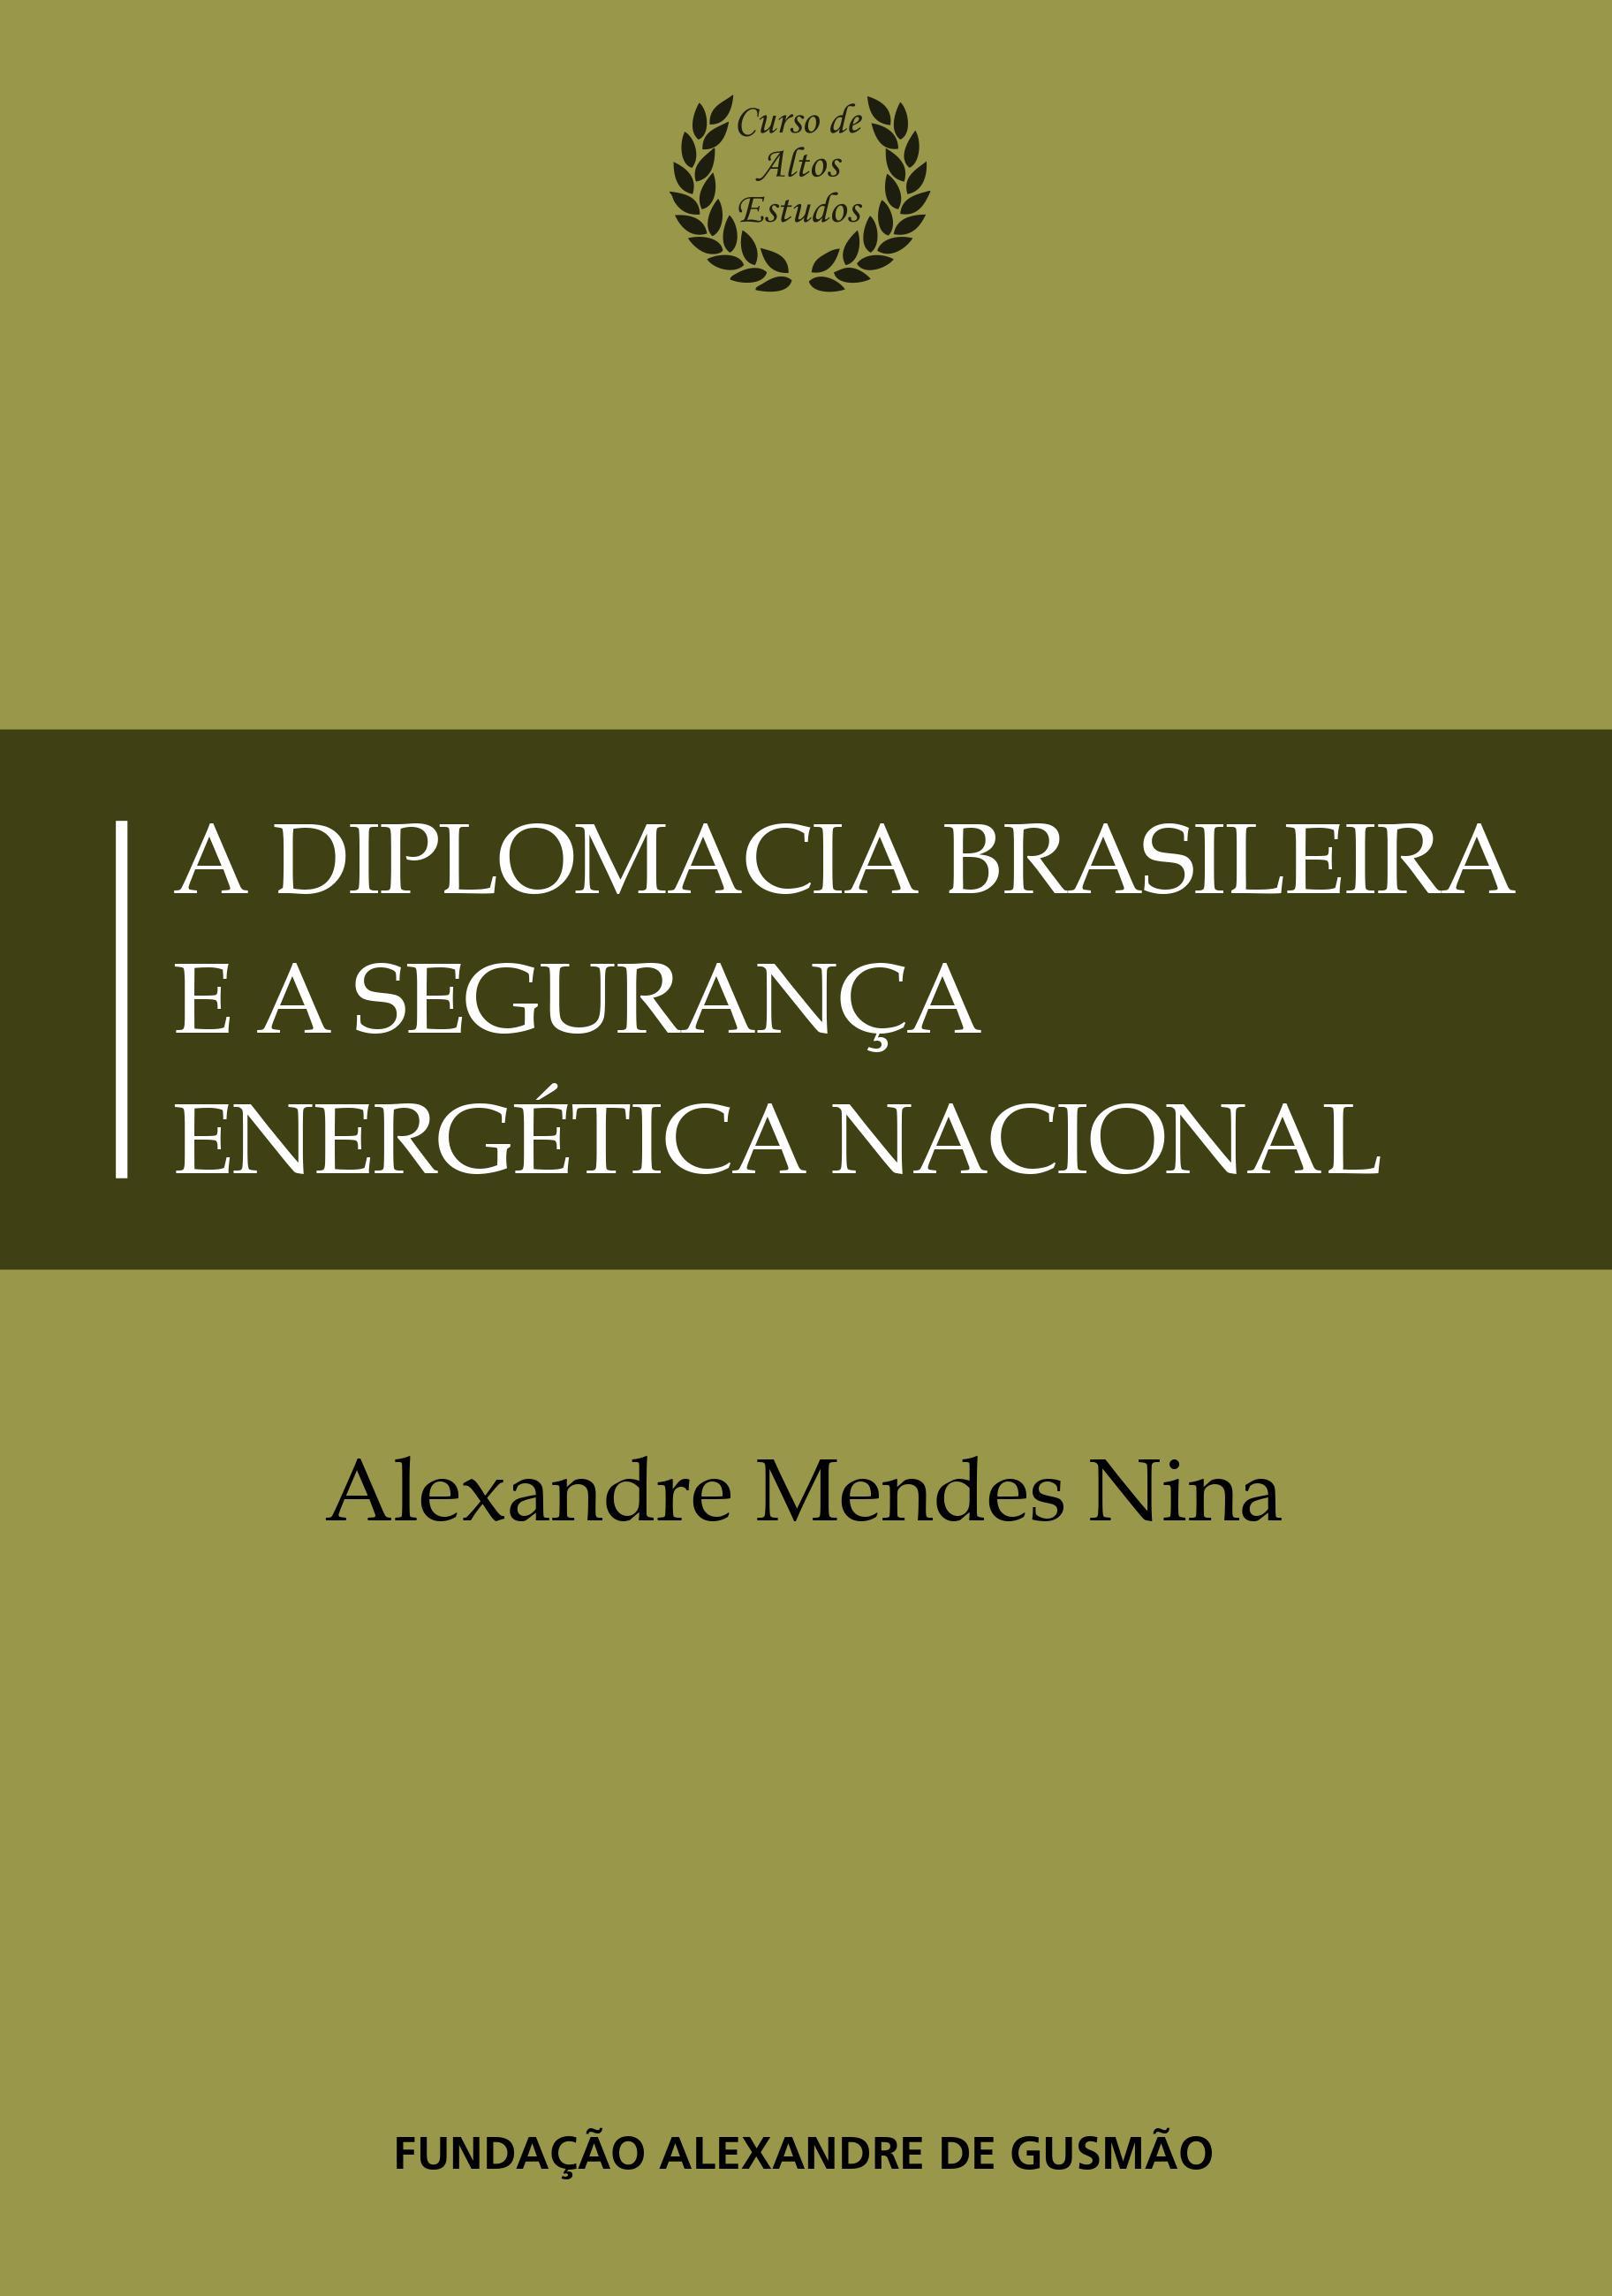 A diplomacia brasileira e a segurança energética nacional